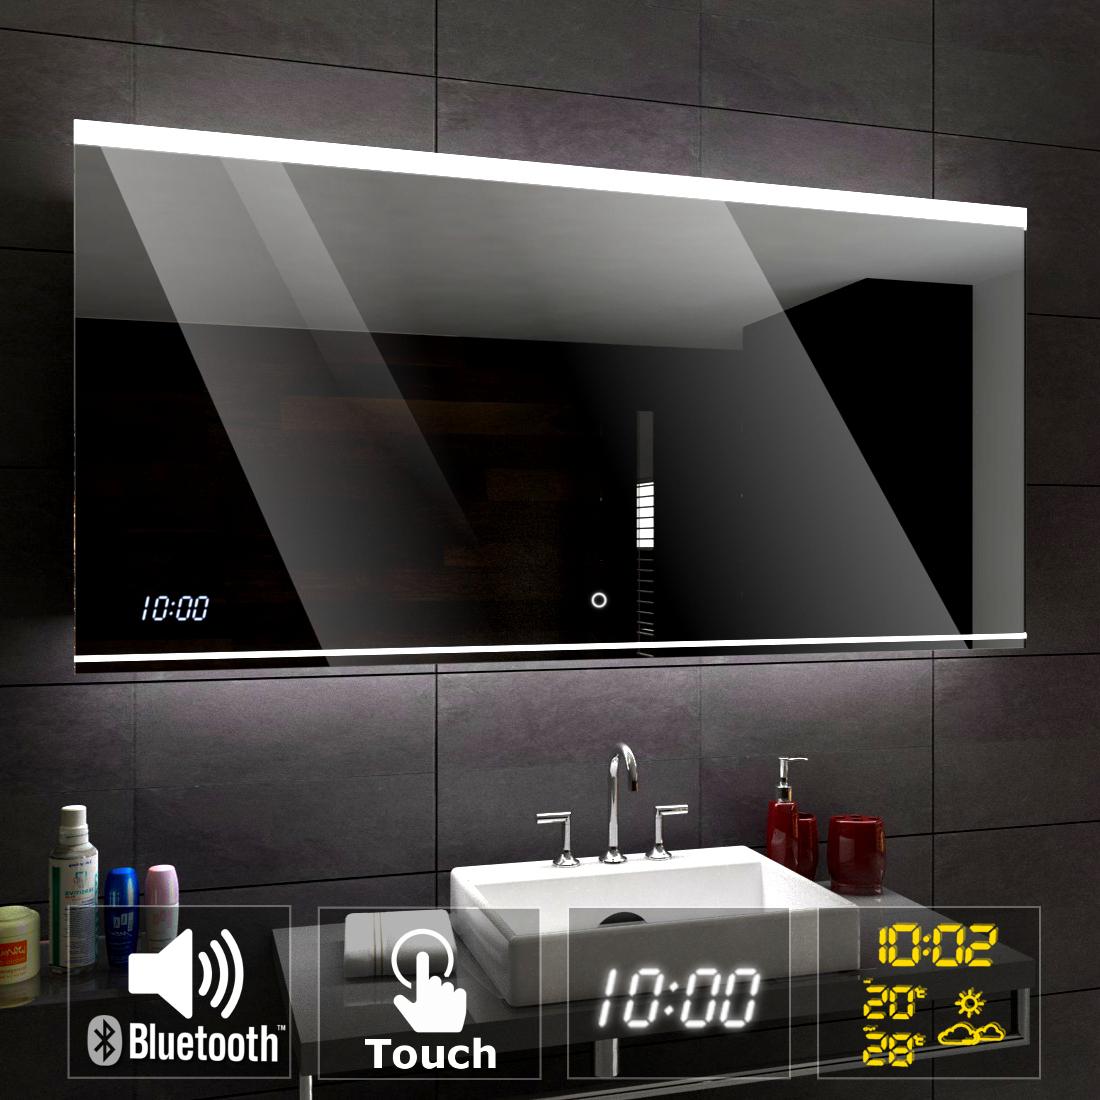 Details About Seoul Éclairé Del Miroir Salle De Bain Led | Bluetooth Touche  Horloge Temps encequiconcerne Mirroir Salle De Bain